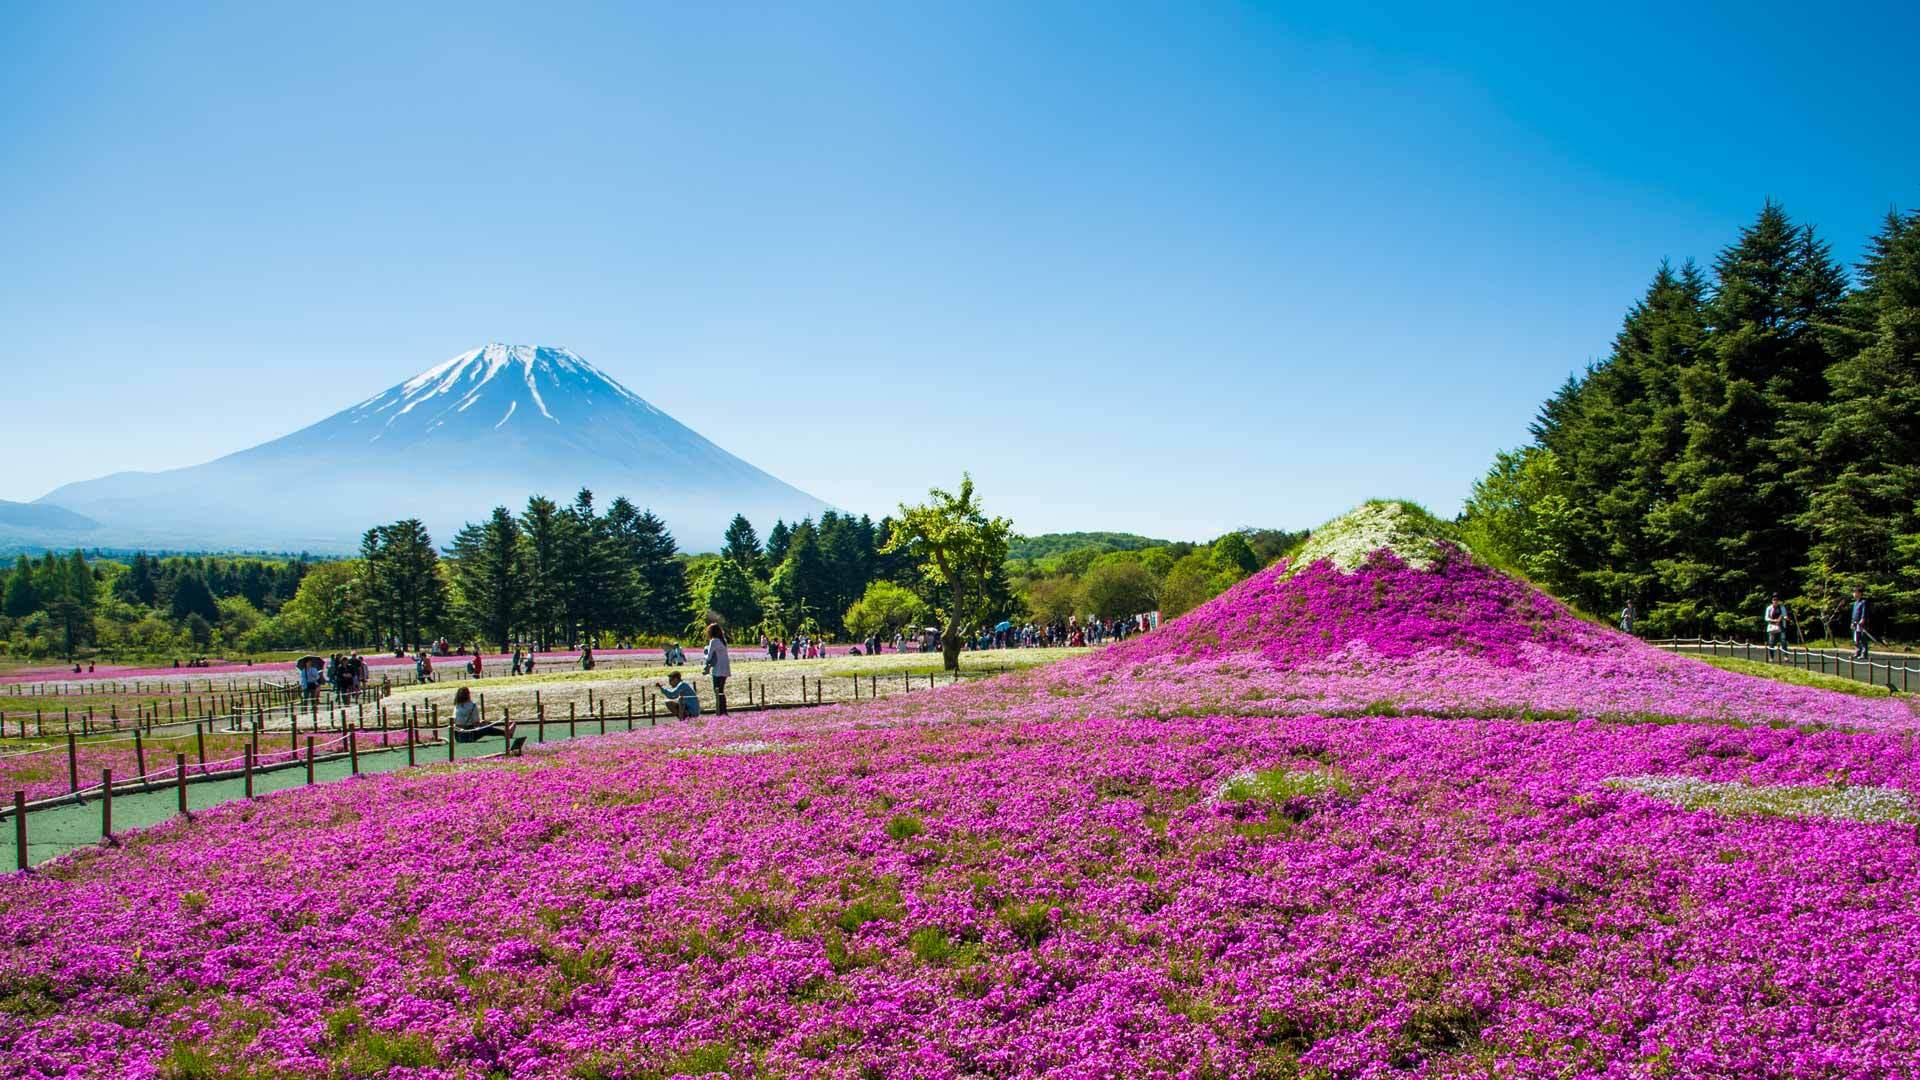 富士山与丛生福禄考花田